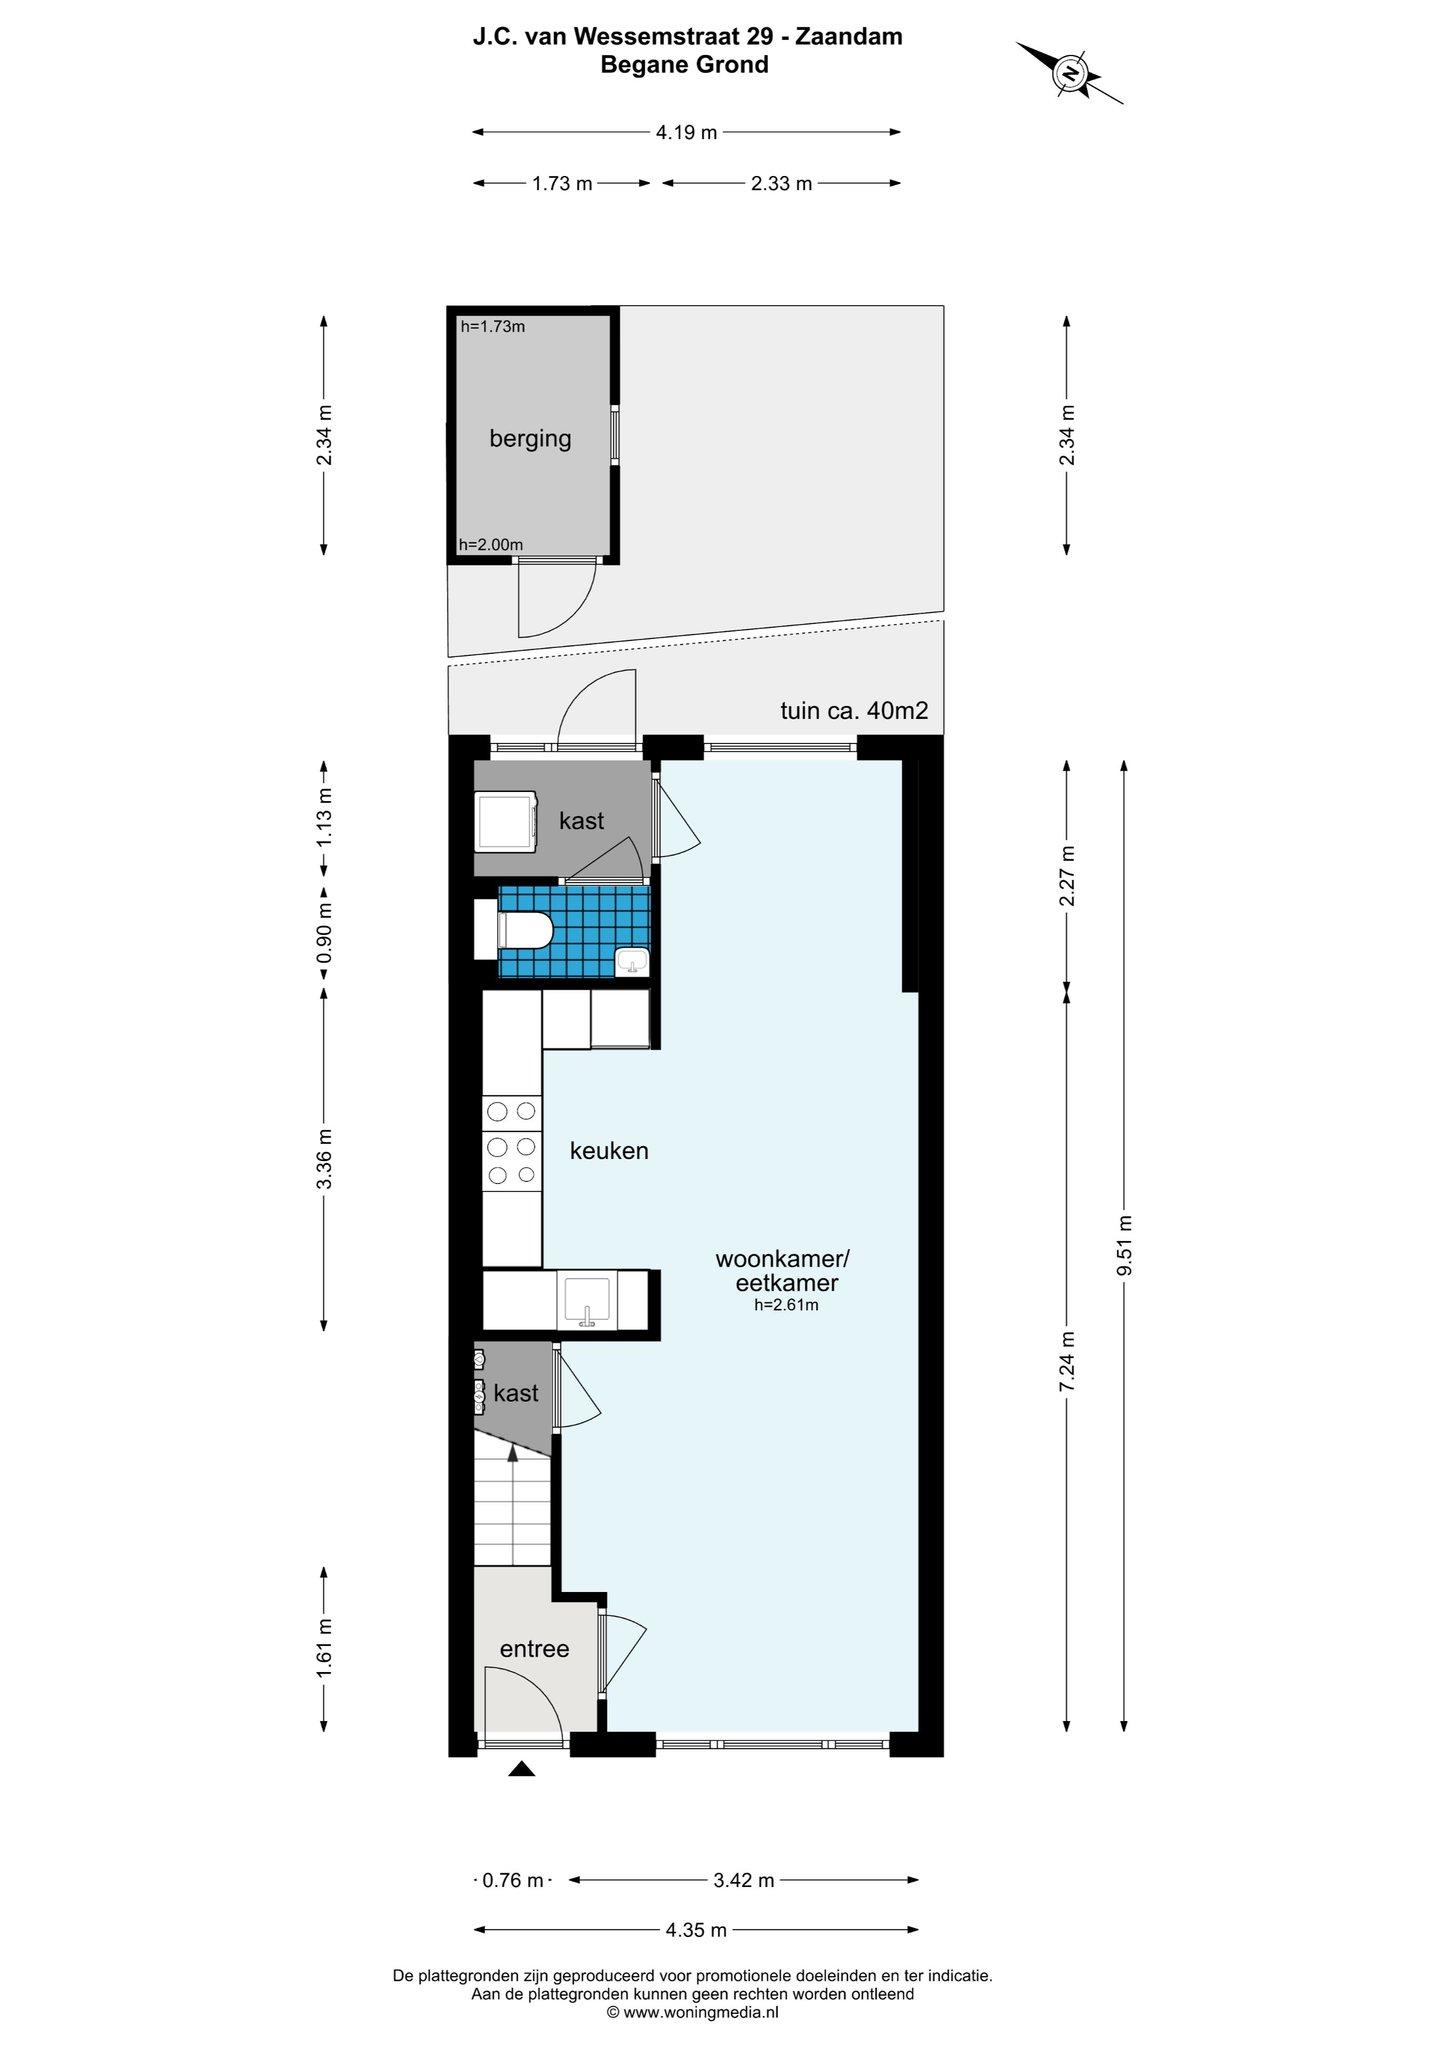 Zaandam – J.C. van Wessemstraat 29 – Plattegrond 3